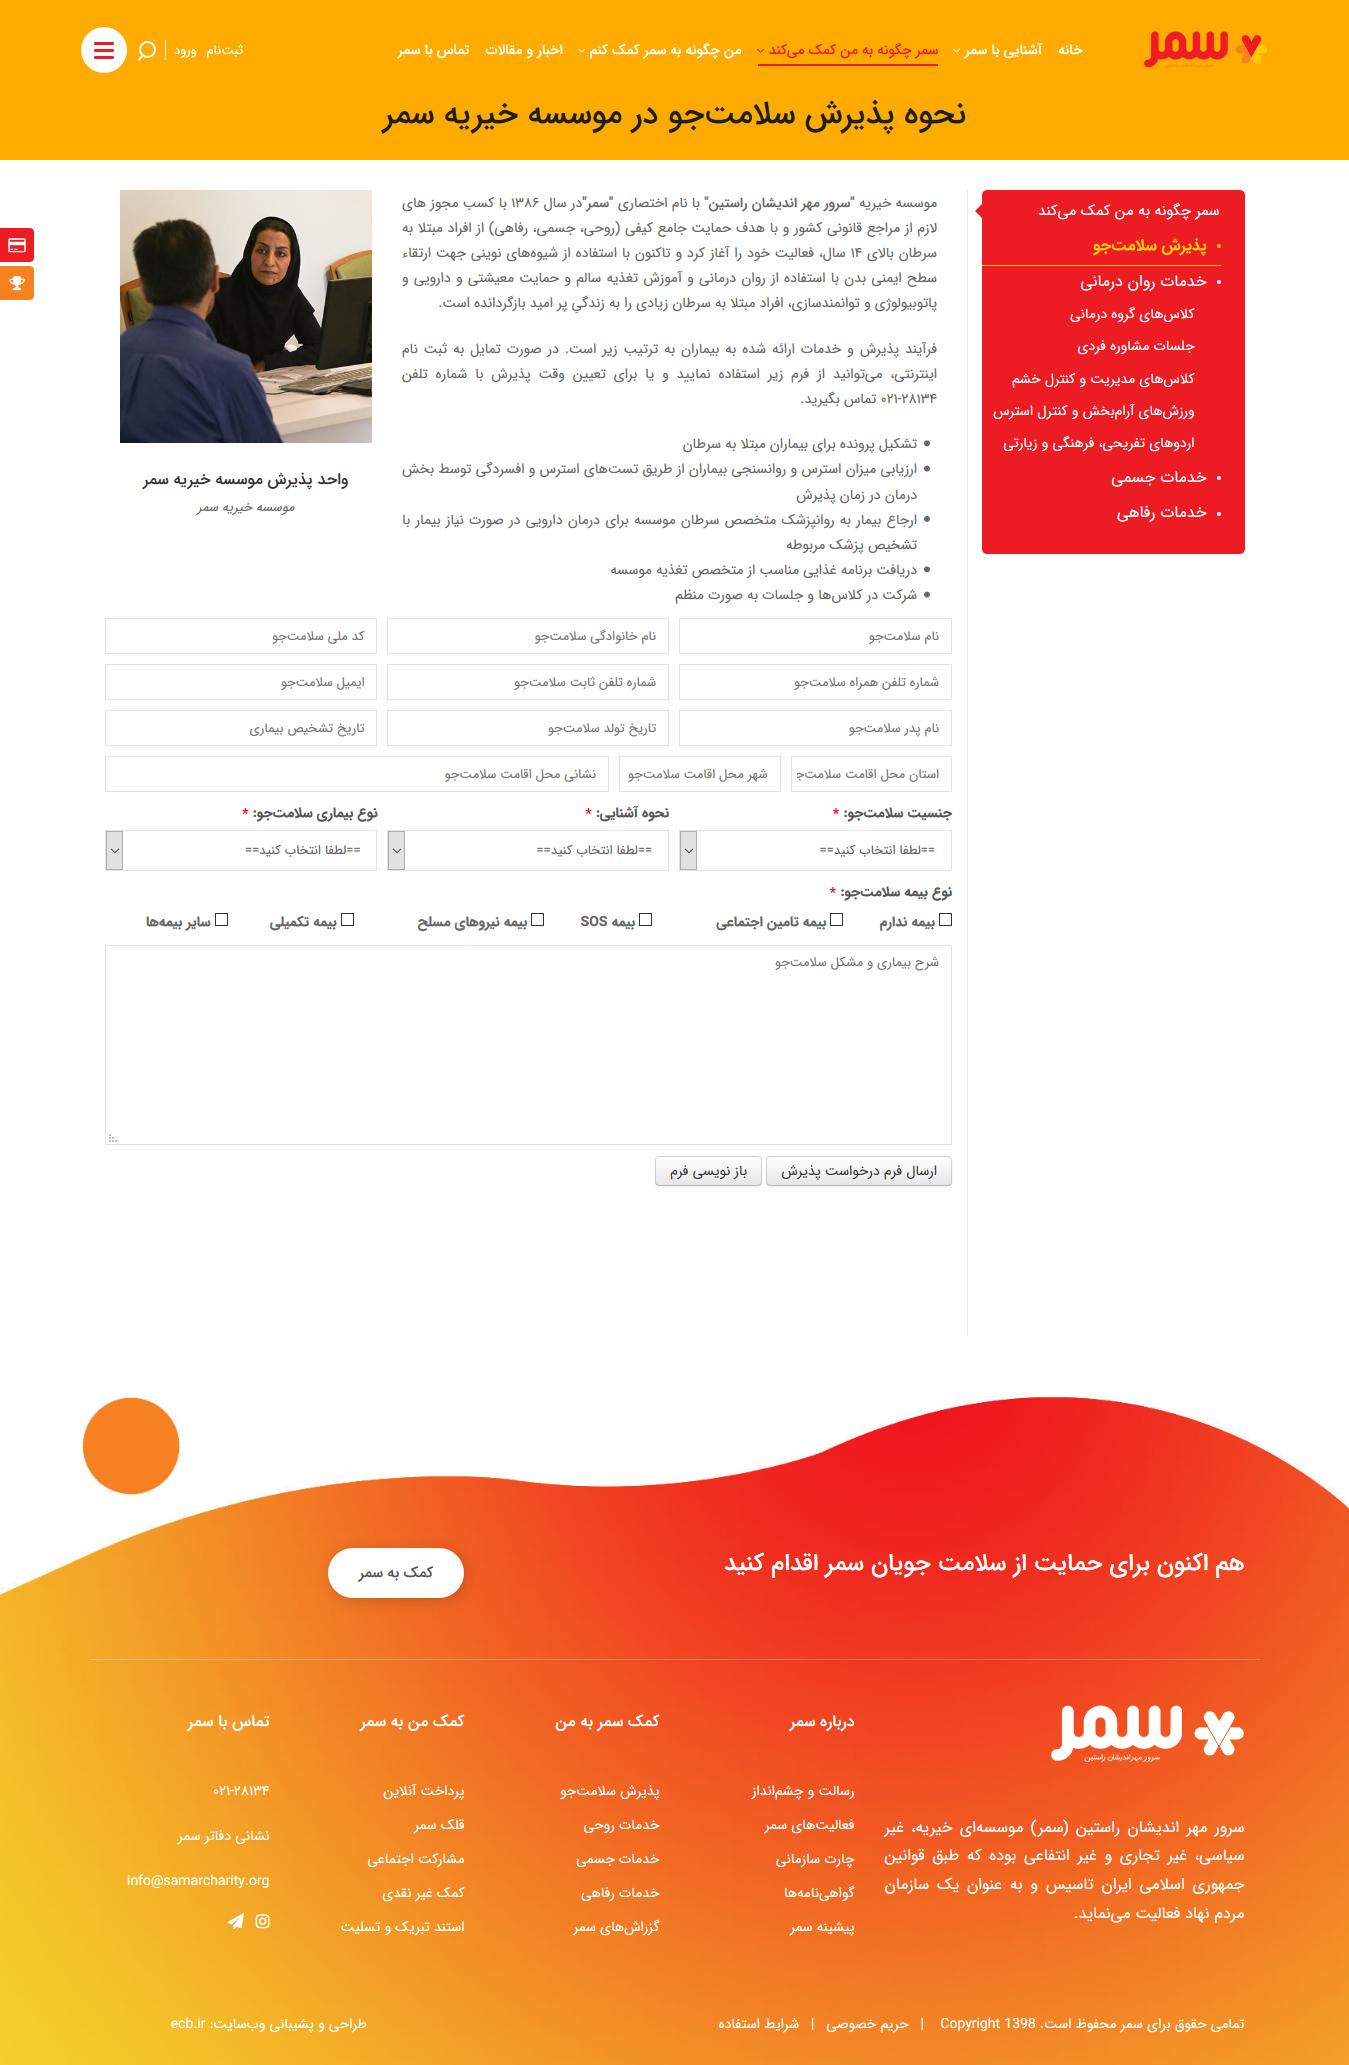 تصویری از صفحه پذیرش موسسه خیریه سمر